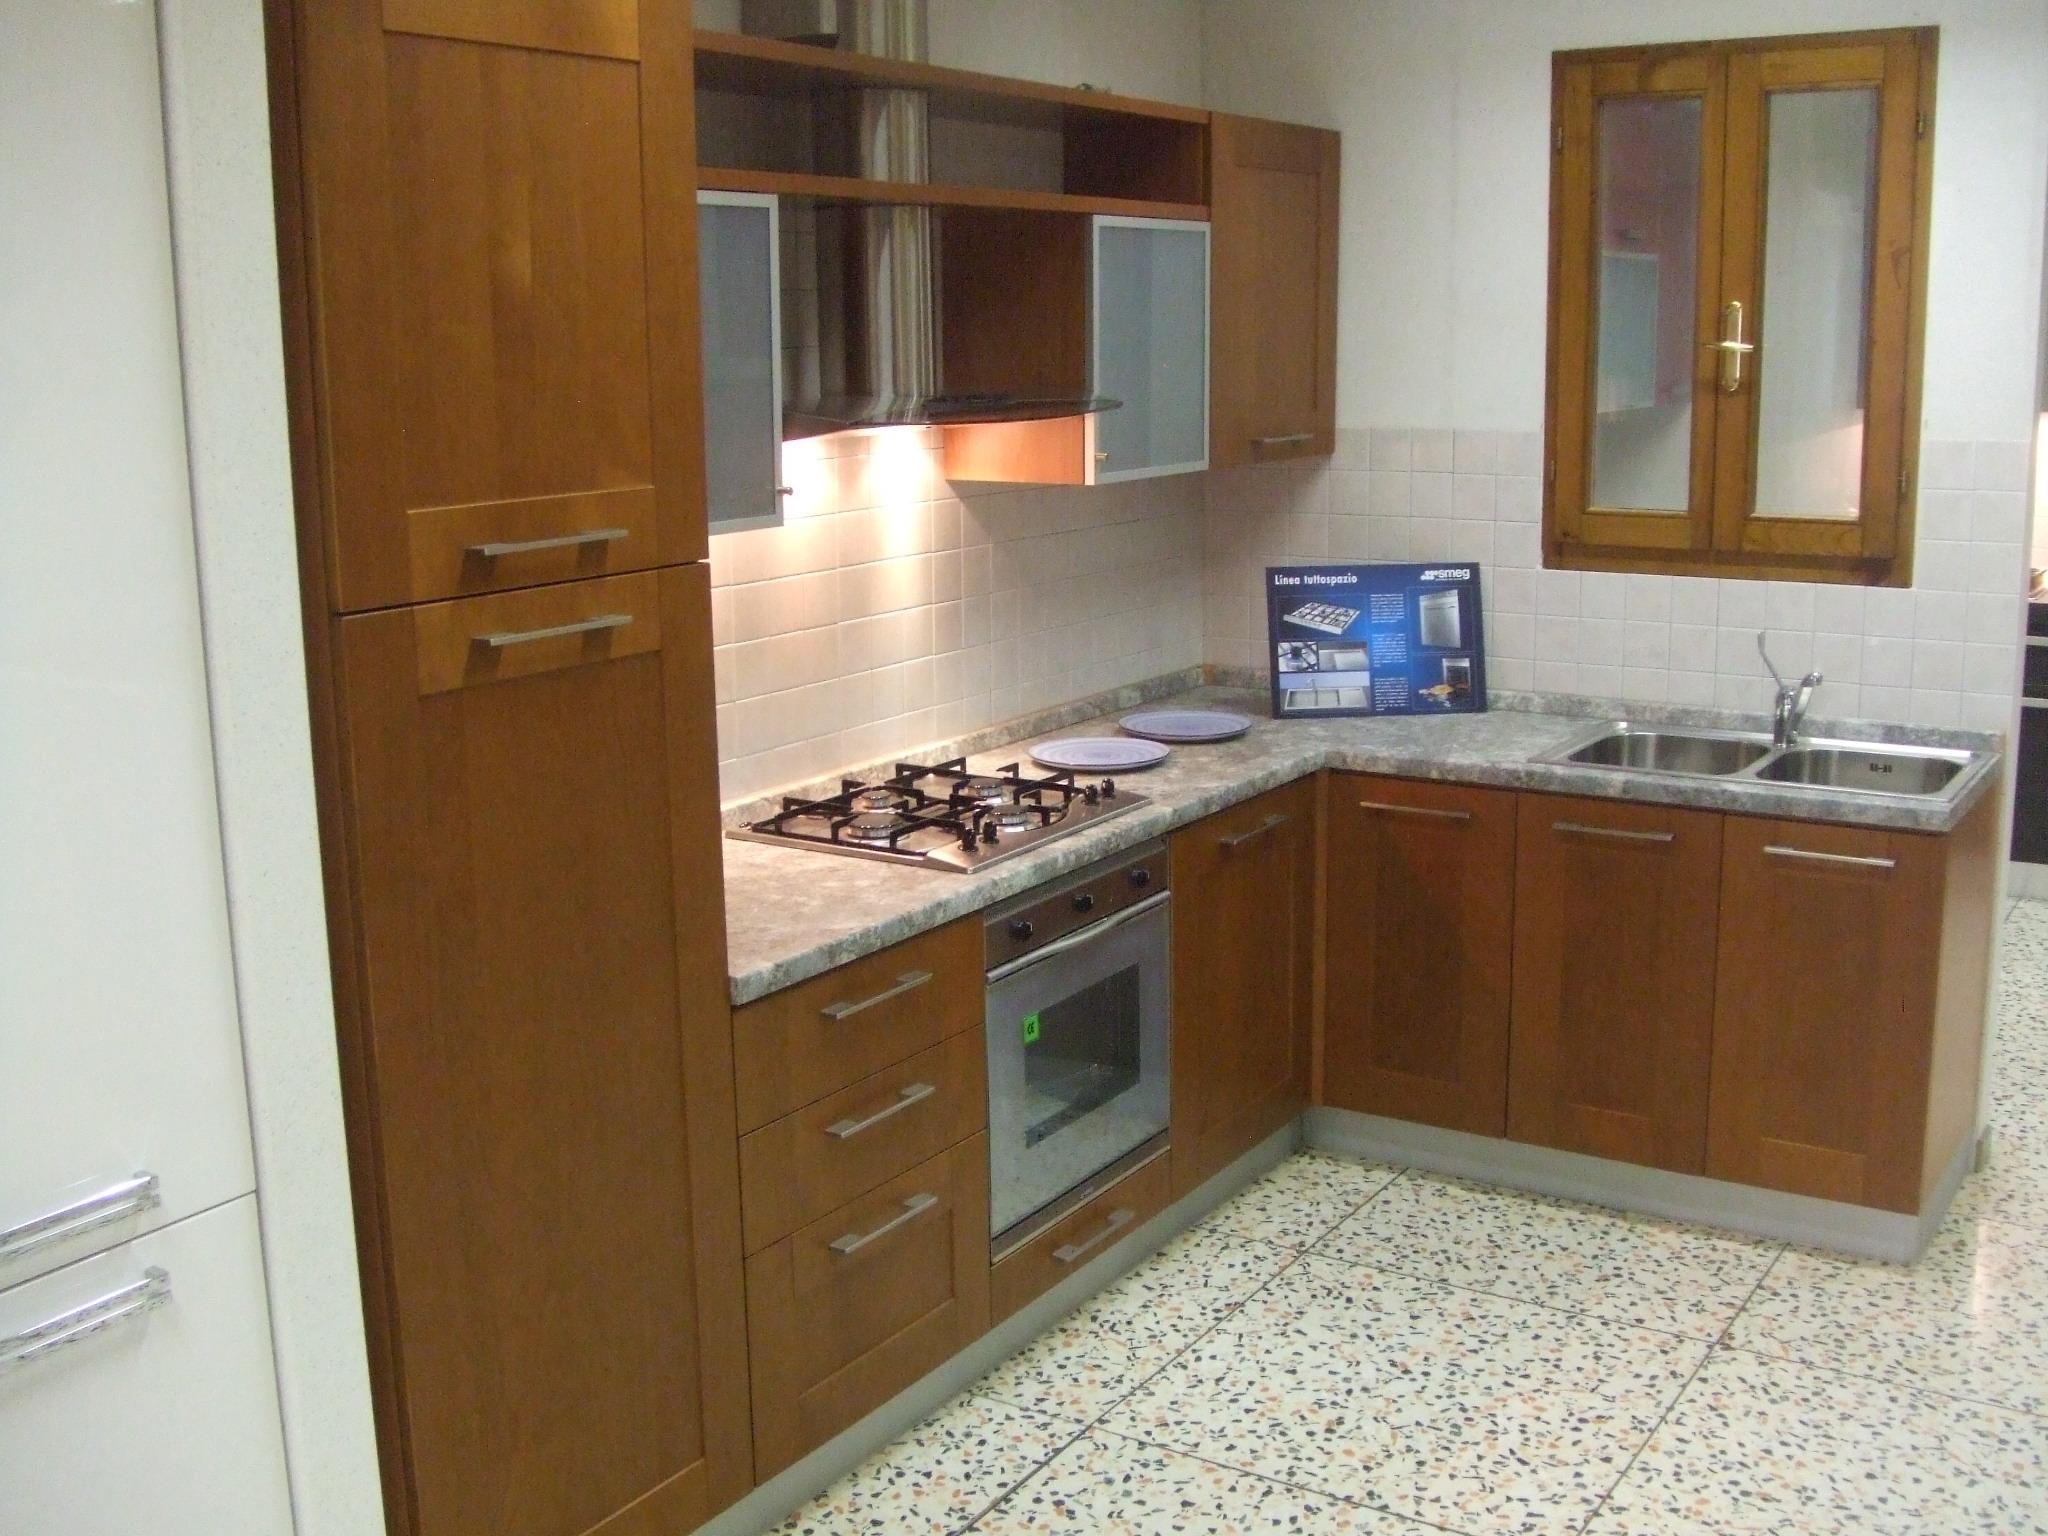 Cucine Ad Angolo Piccole. Free Cucine Piccole With Arredare ...